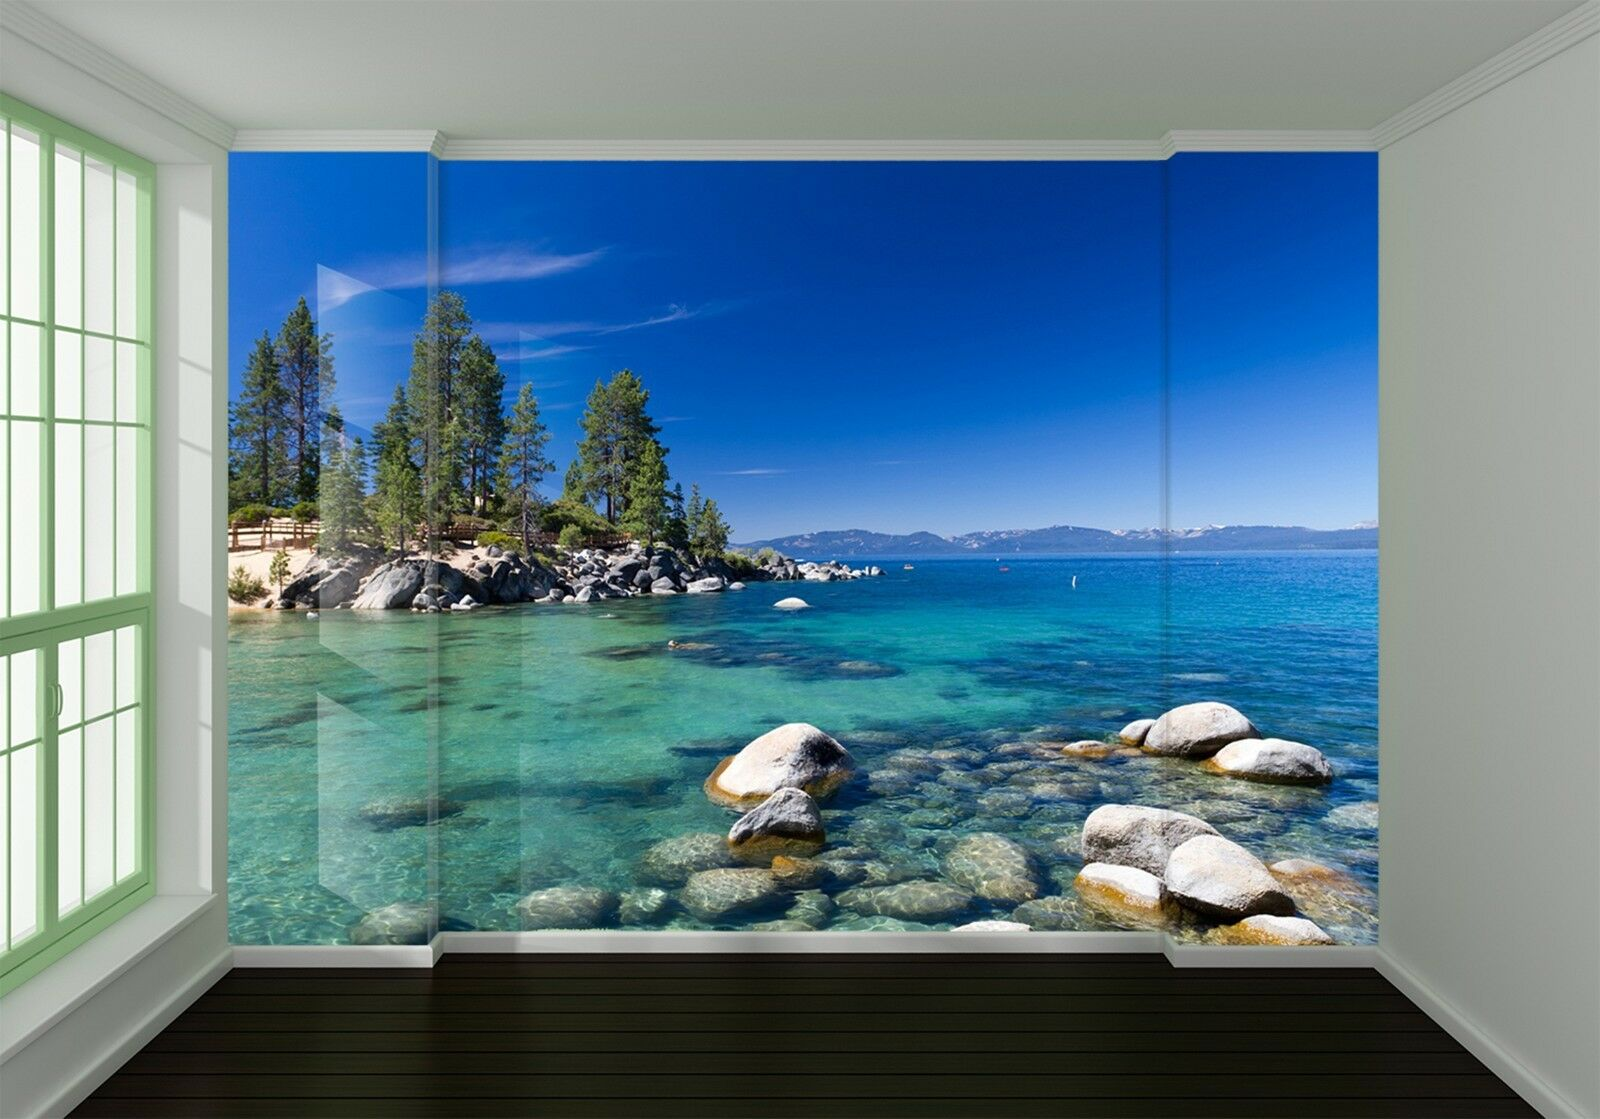 3D blueer Himmel Landschaft 933 Tapete Wandgemälde Tapeten Bild Familie DE Lemon